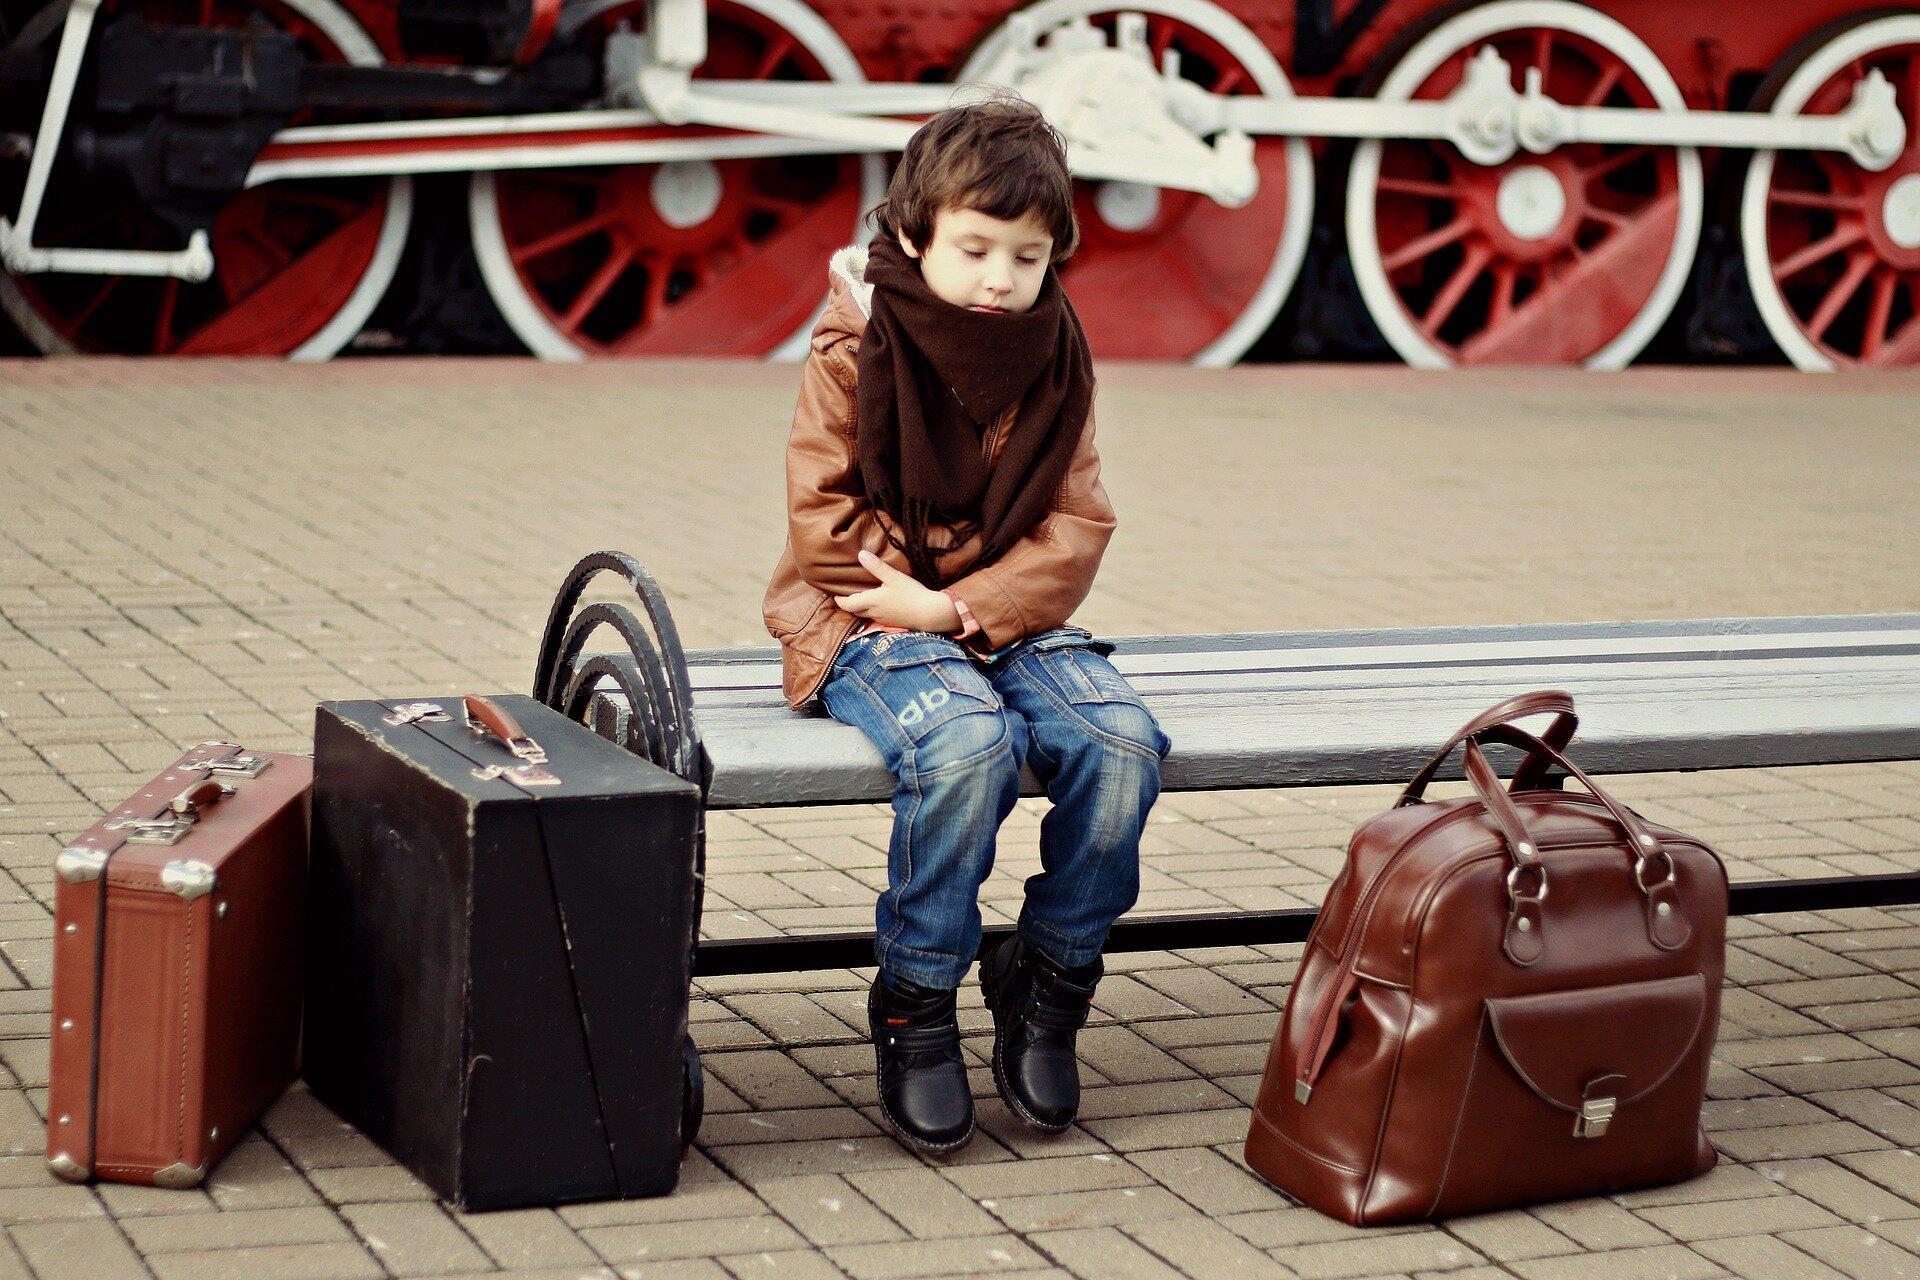 Documentos para tirar passaporte para crianças